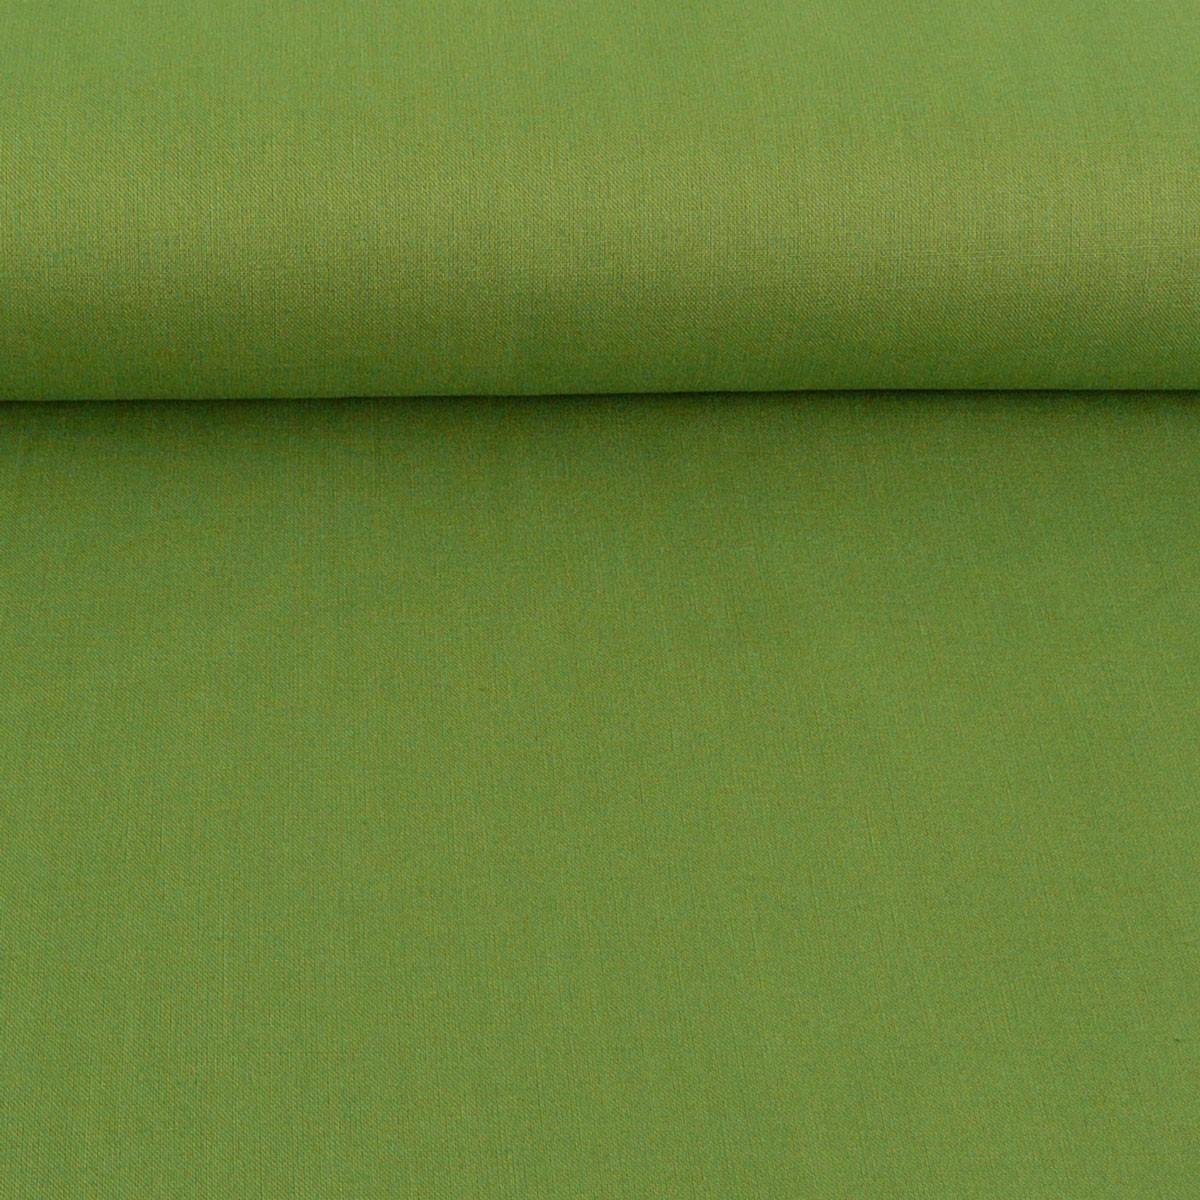 Kreativstoff Baumwollstoff Fahnentuch einfarbig oliv grün 1,45m Breite